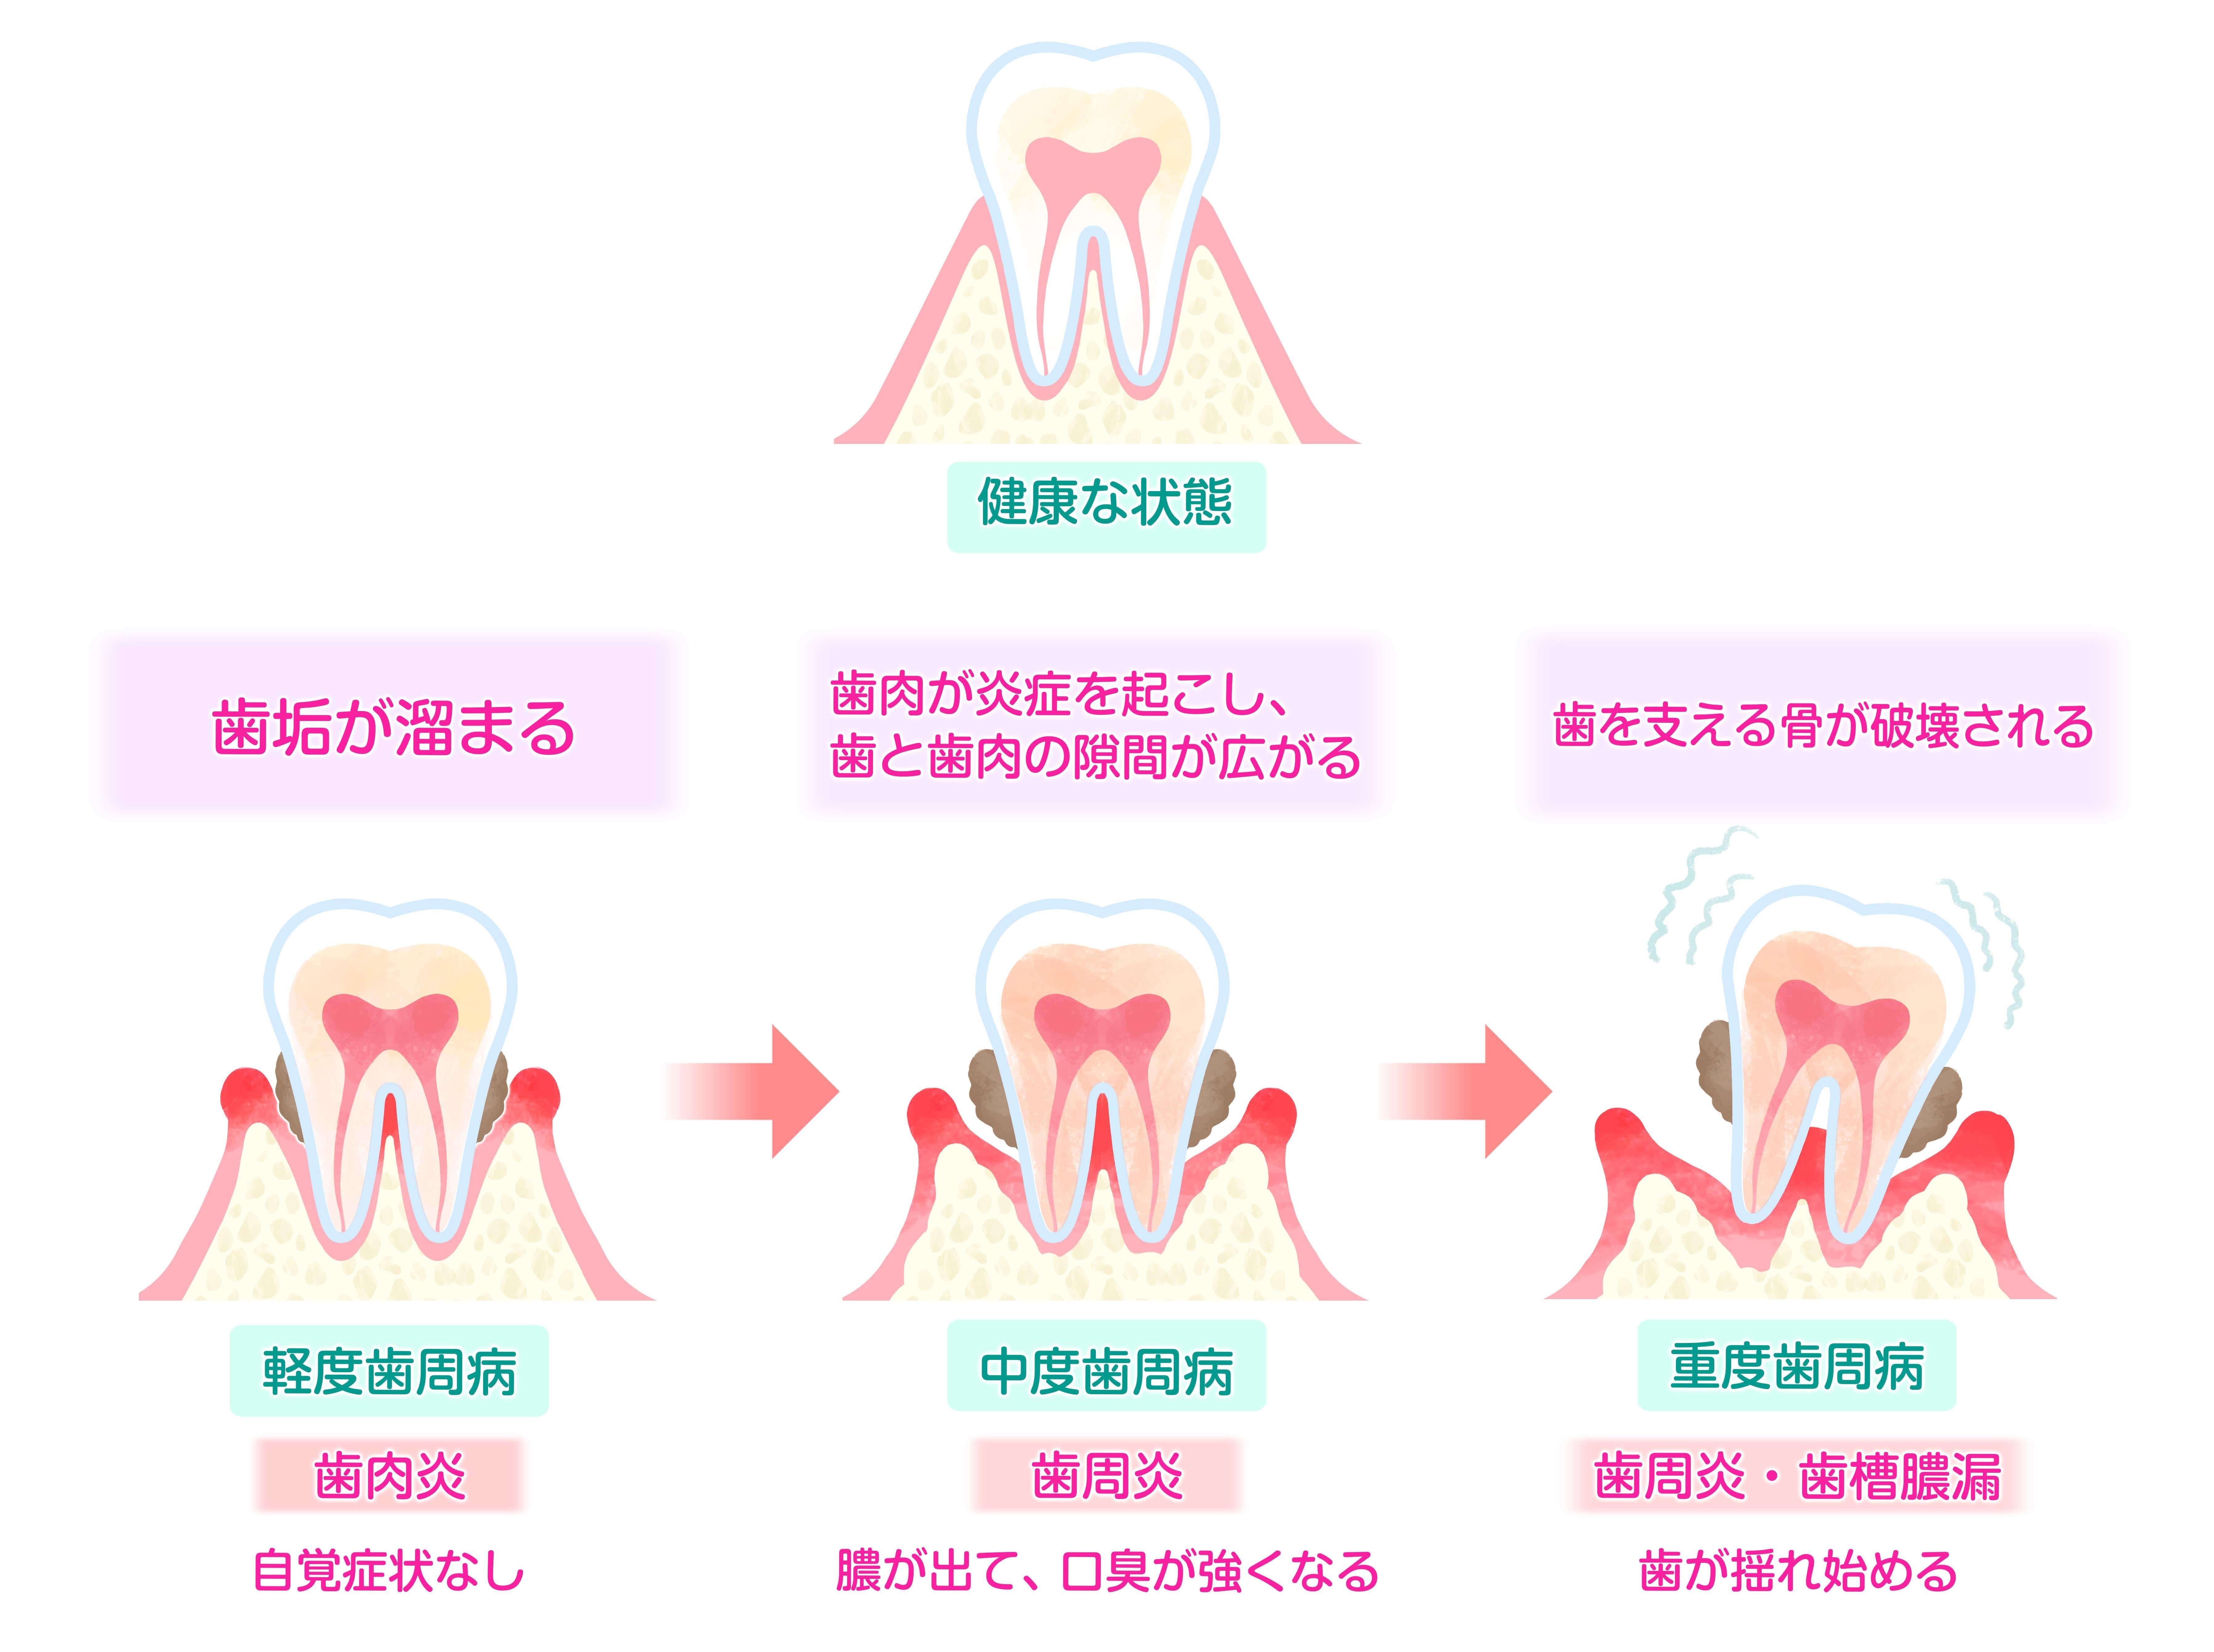 210830_修正イラスト歯科-min.jpg